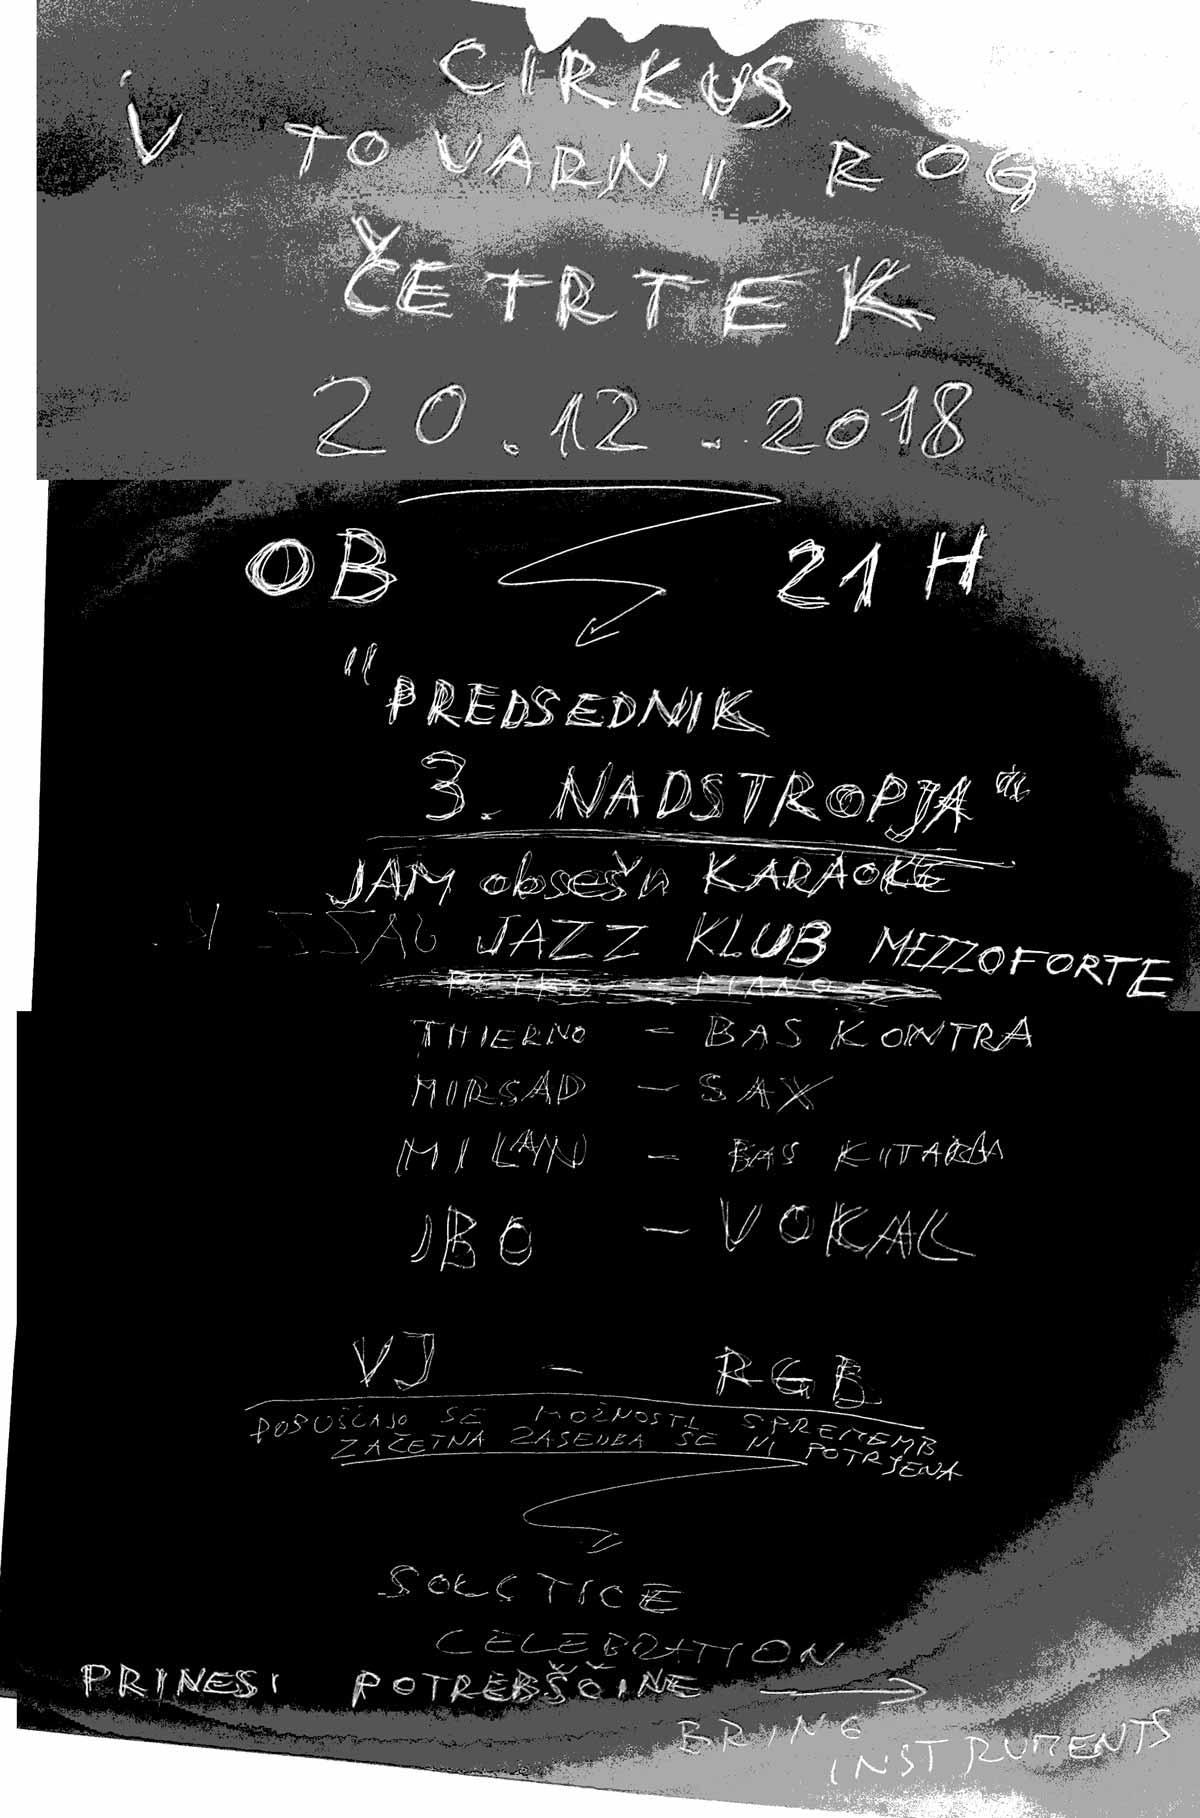 """Jazz klub Mezzoforte: """"Predsednik_3._nadstropja"""" Karaoke:J:obsešn"""